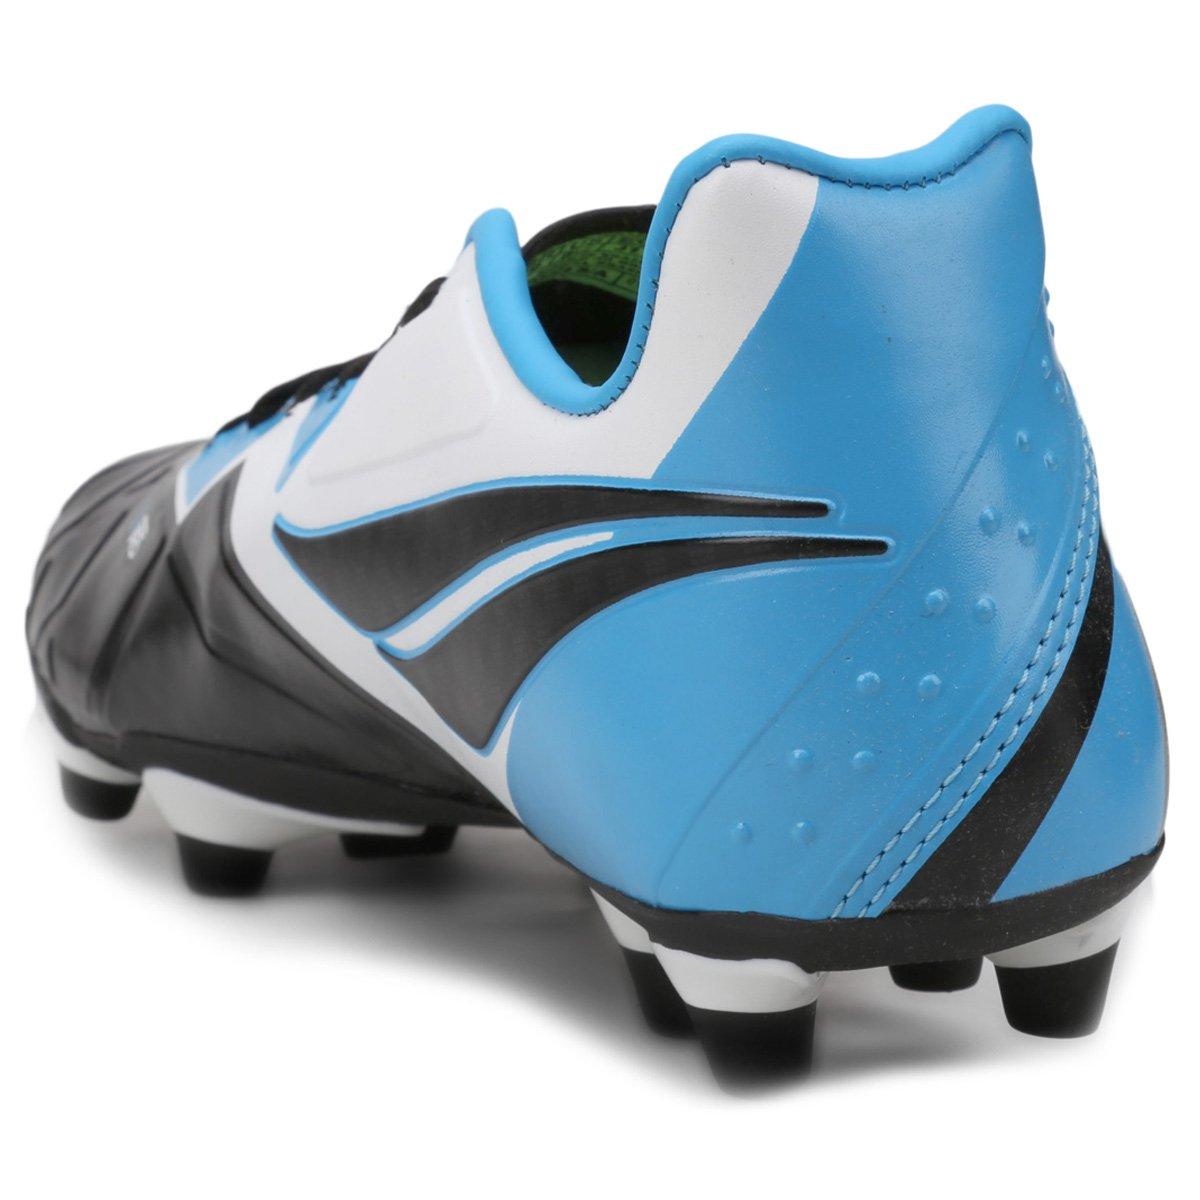 3a740501ee Chuteira Campo Penalty Victoria Pro 7 Masculina - Preto e Azul claro ...